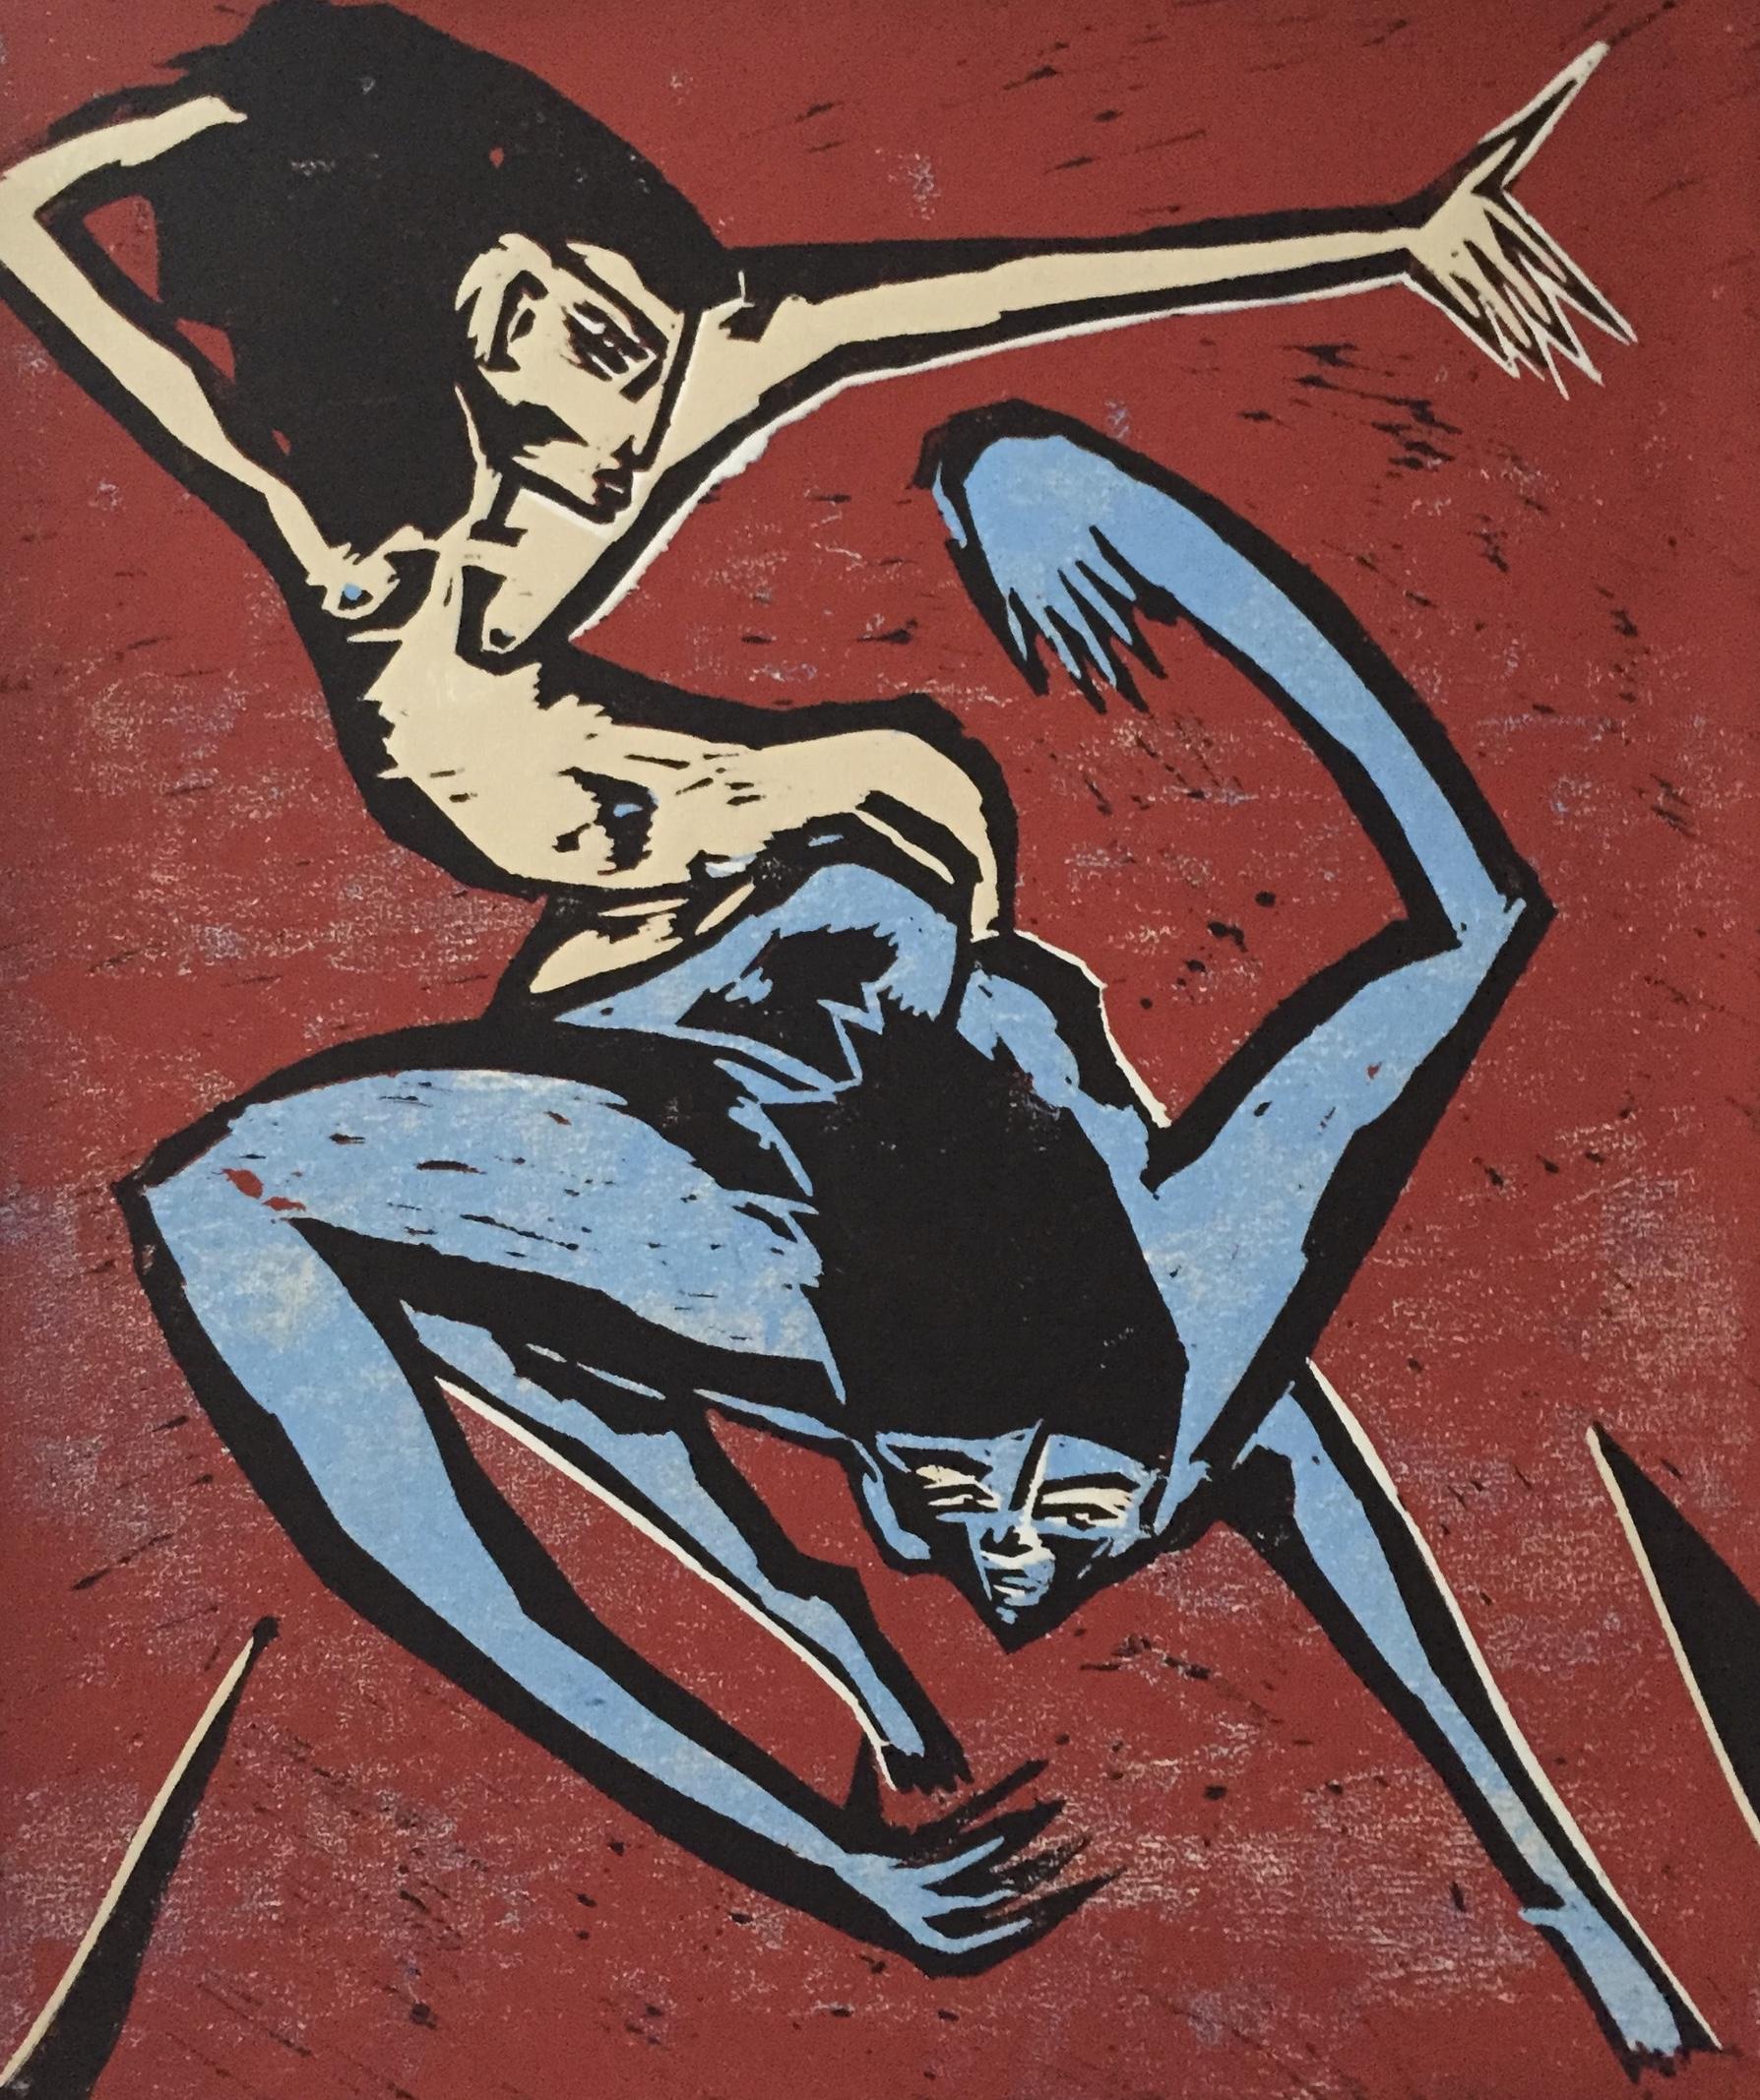 KLAUS SÜSS @ Kunst für Chemnitz HECK-ART-GALERIE | Chemnitz | Sachsen | Deutschland